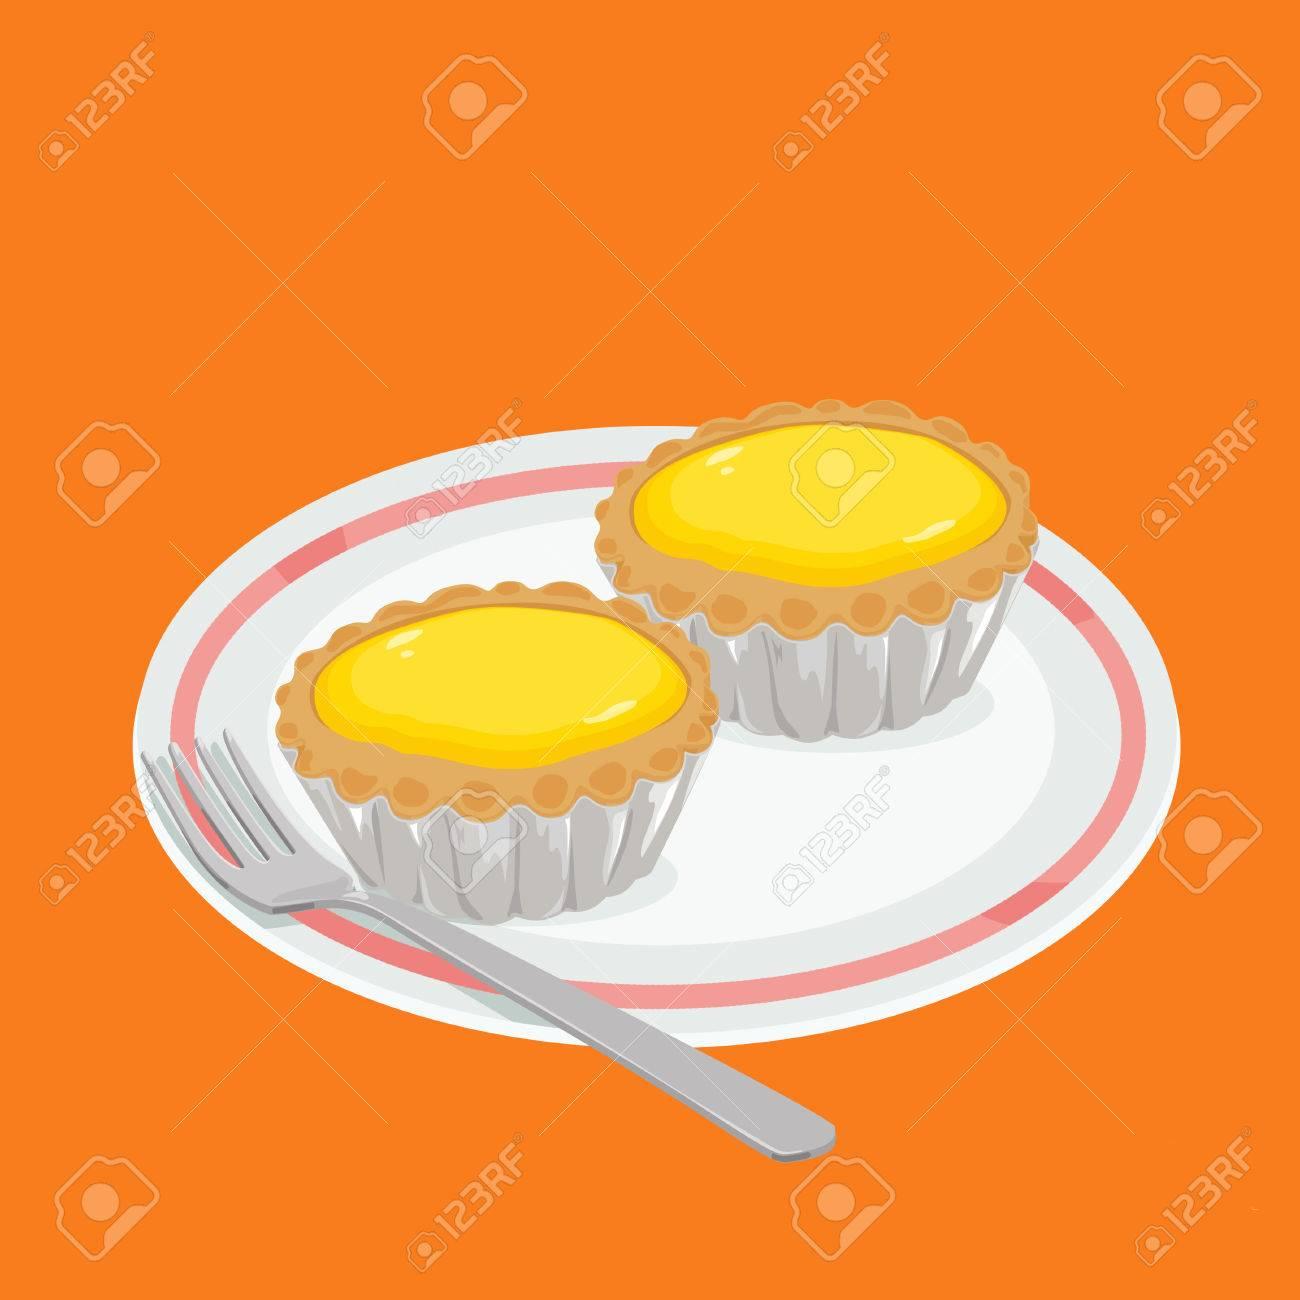 香港スタイル食品エッグタルトのイラスト の写真素材画像素材 Image